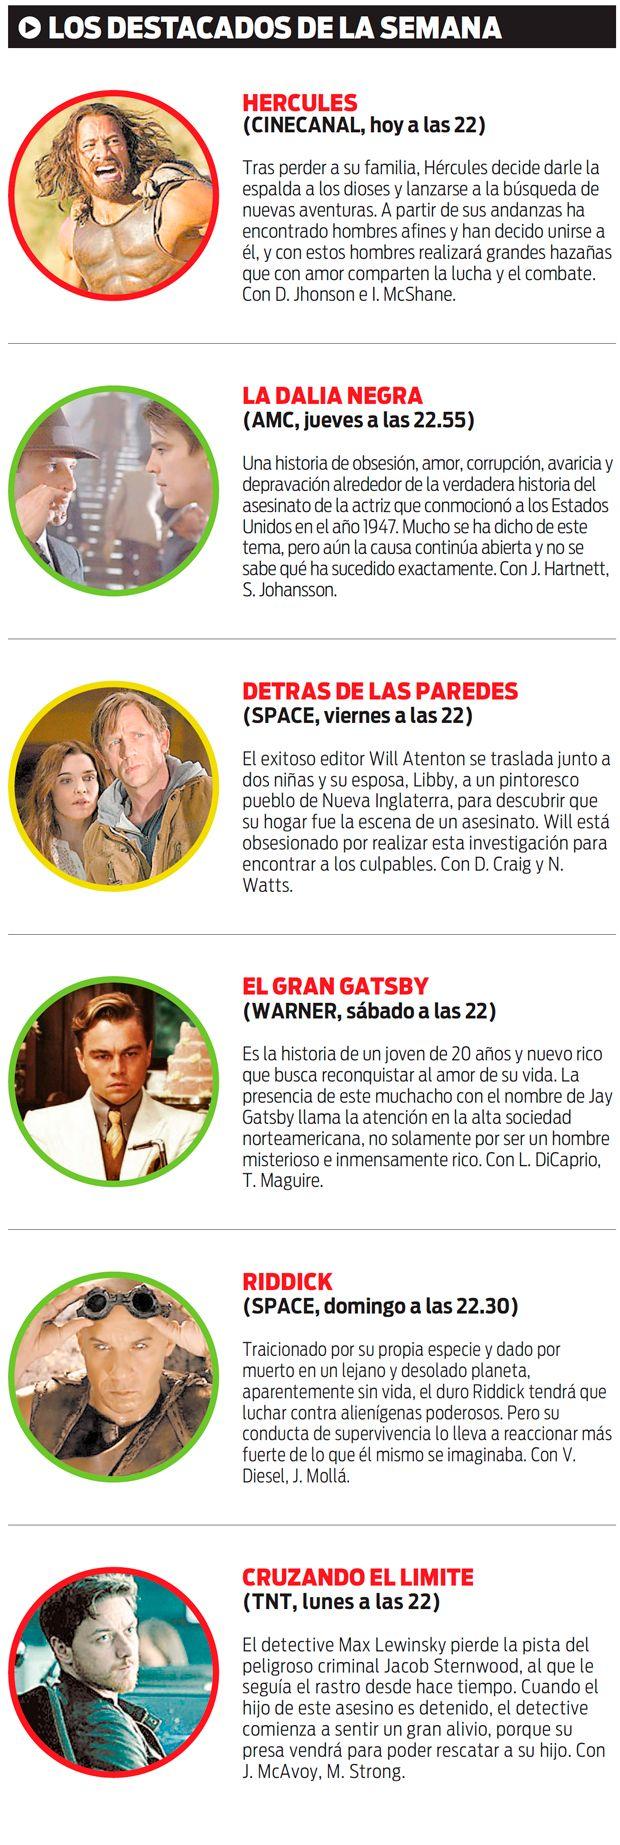 Los destacados de la Semana en TV